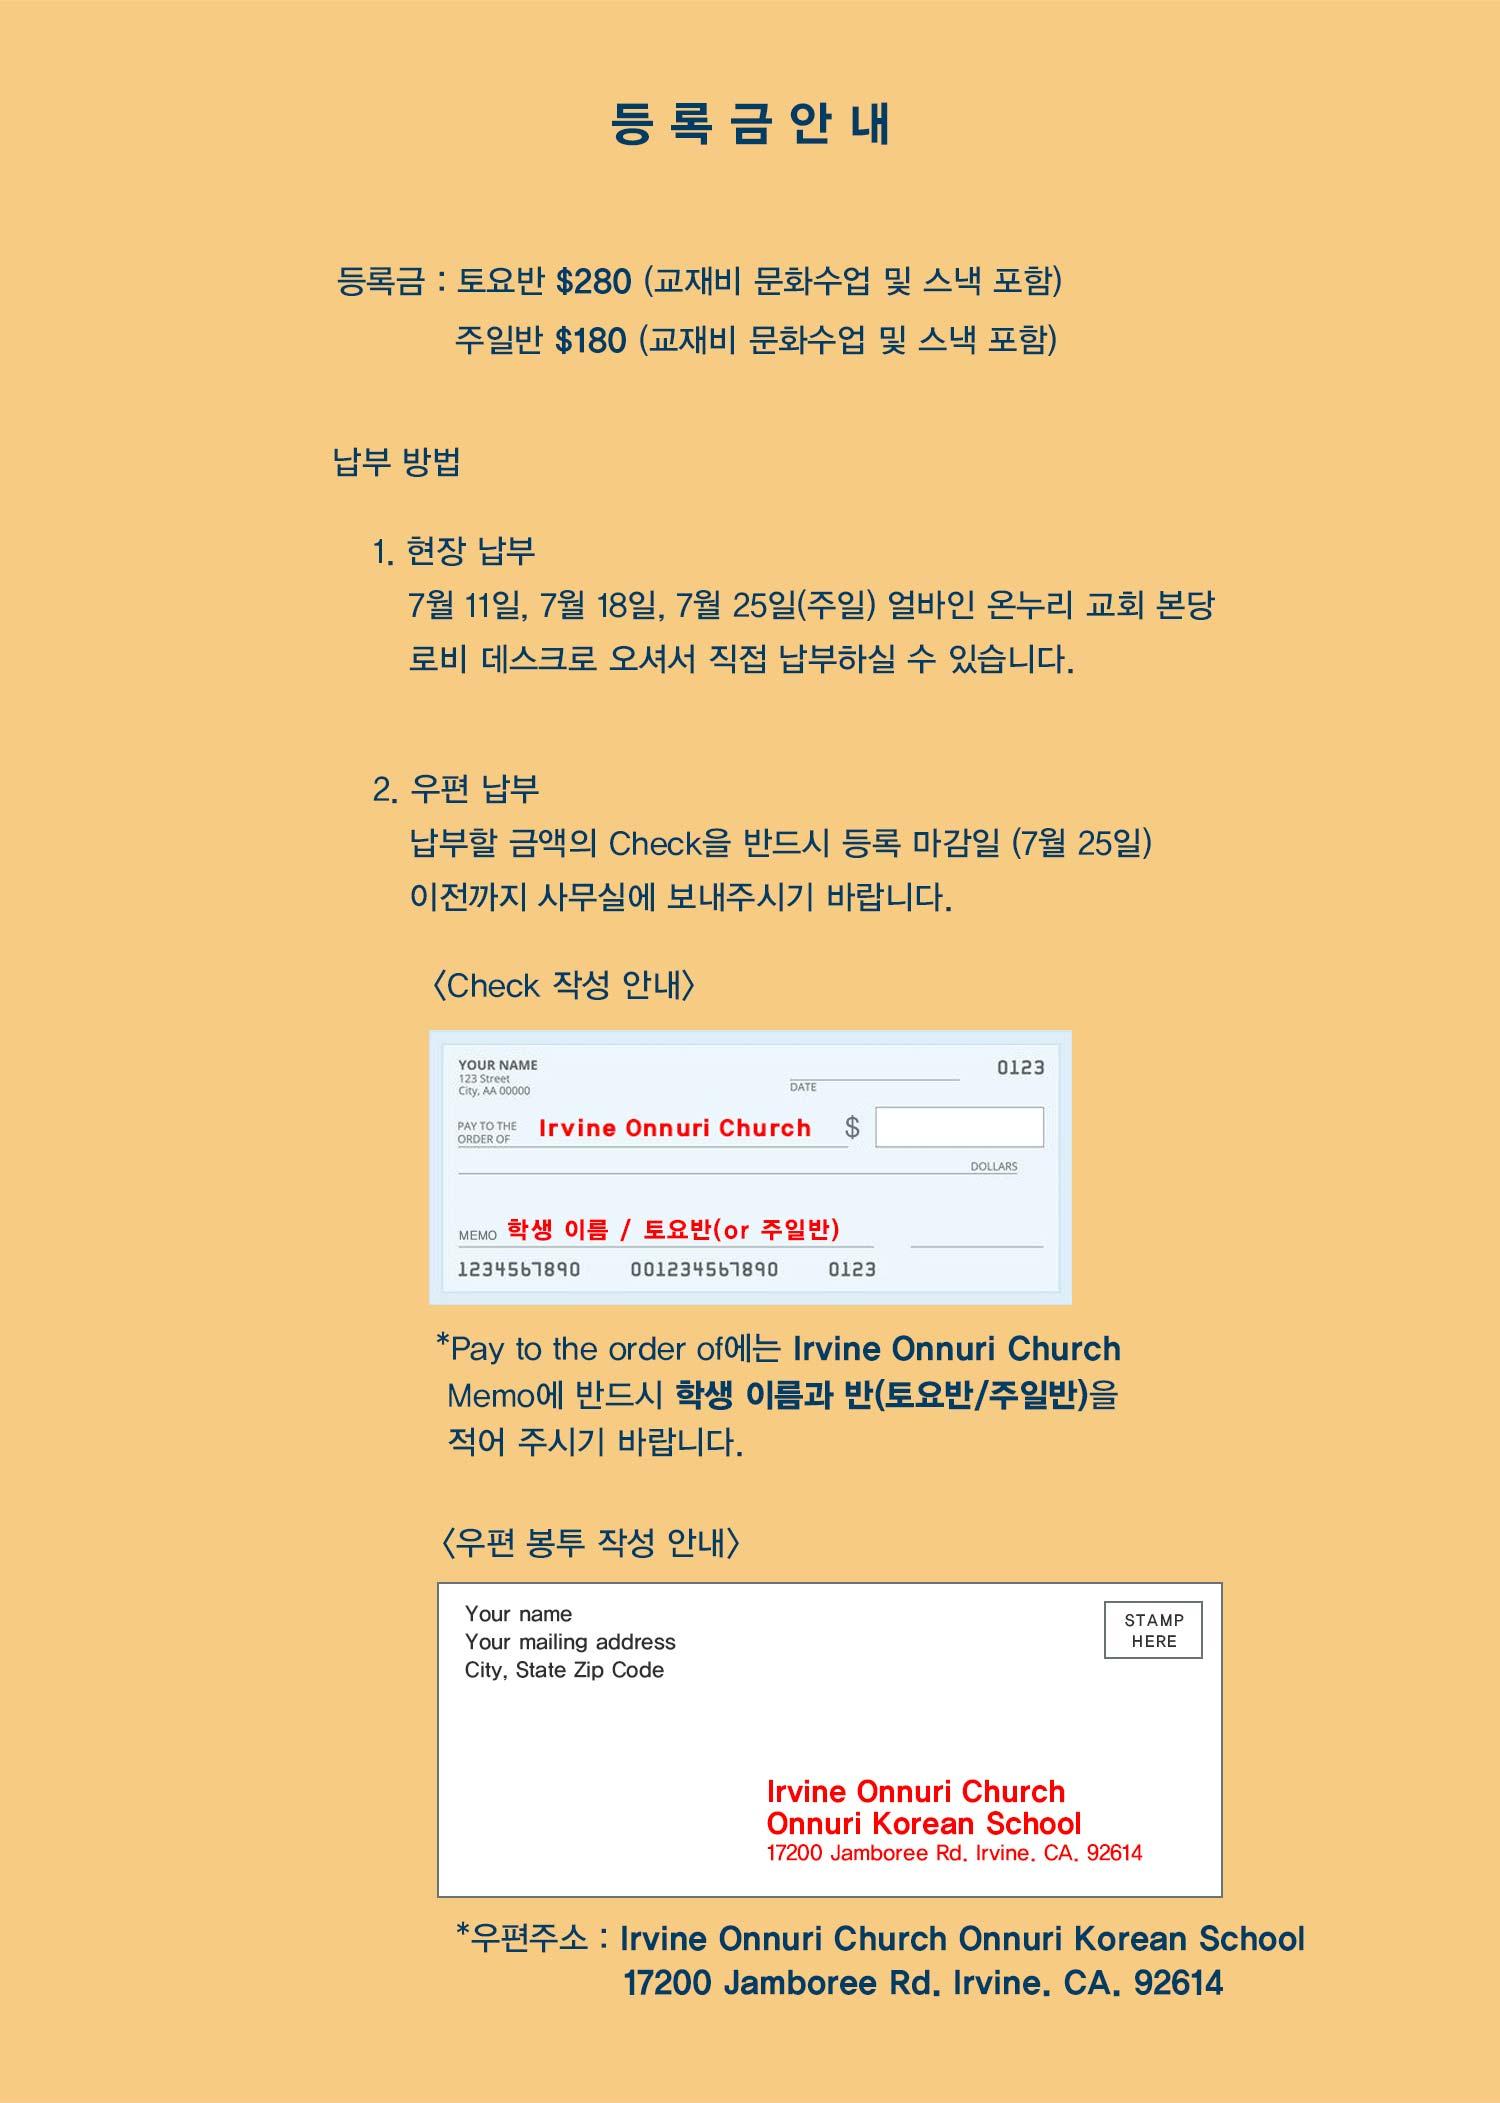 Koreanschool_05